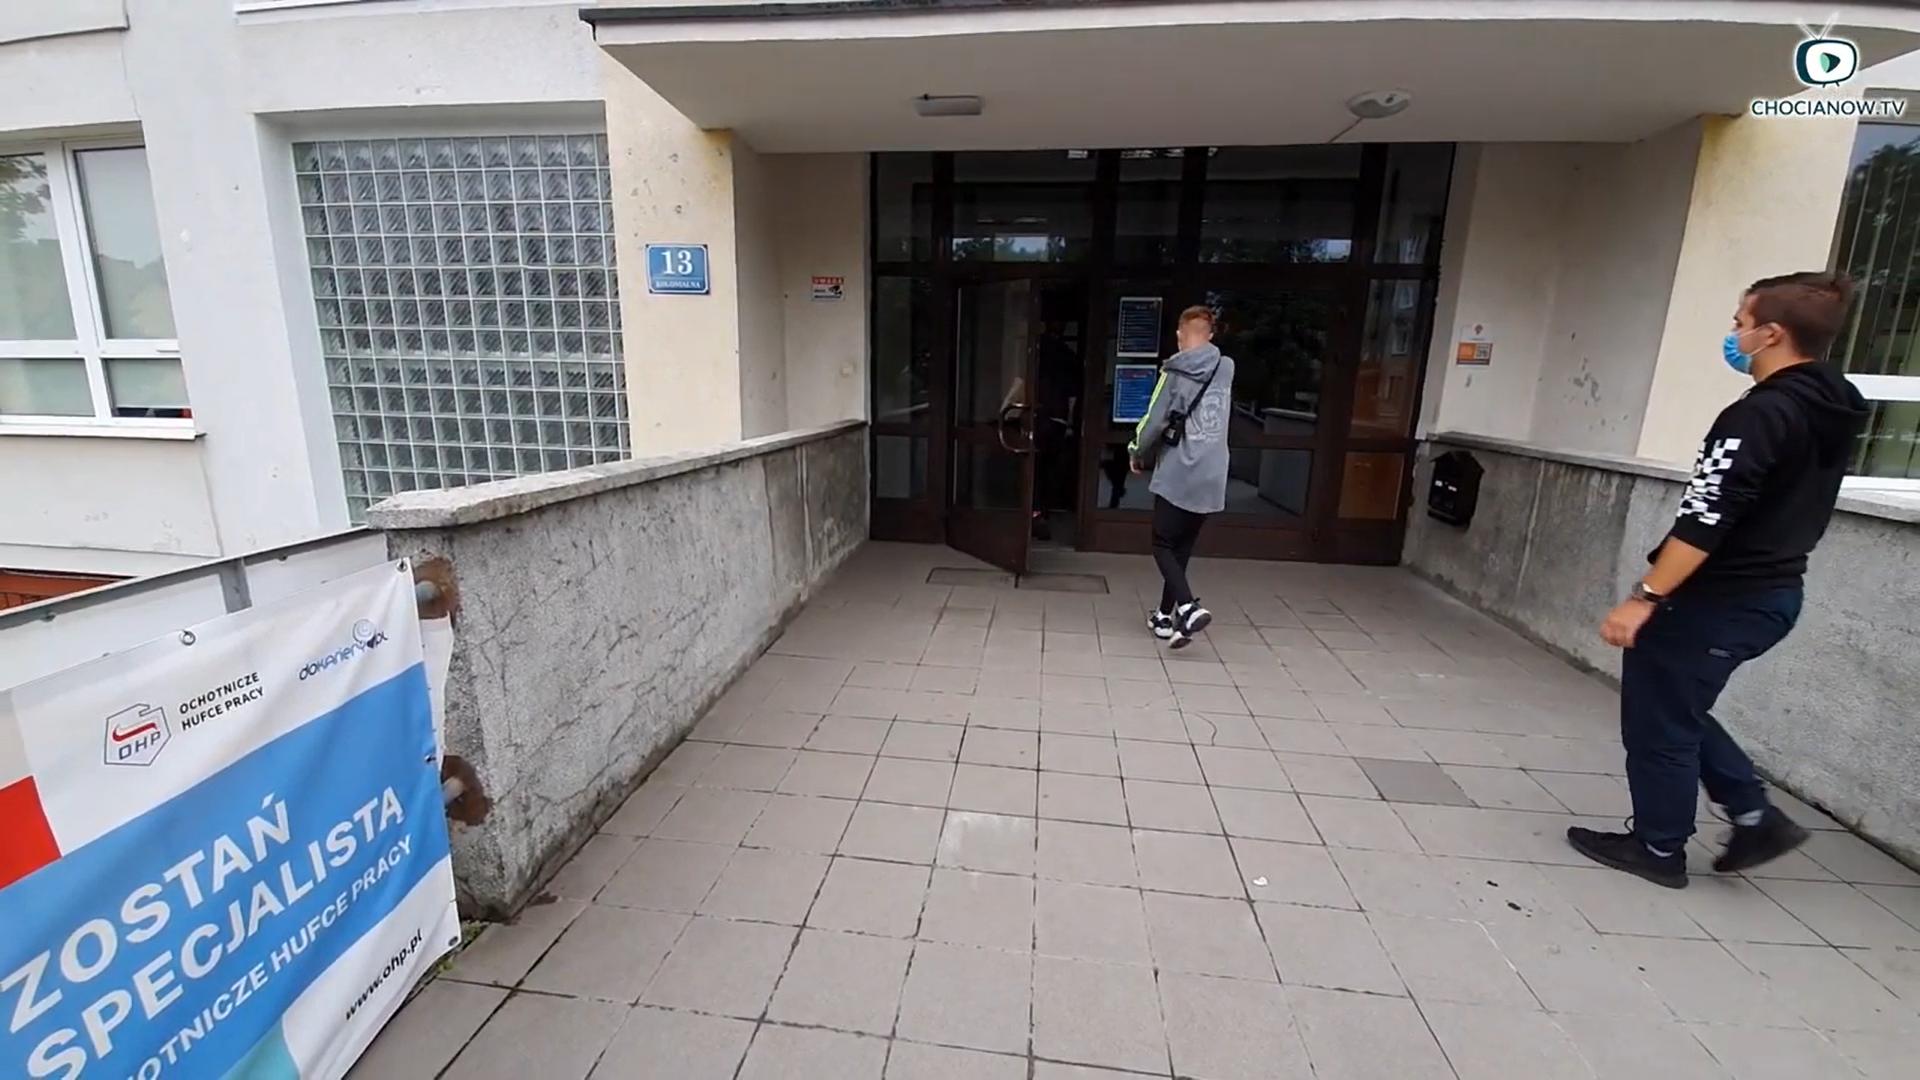 Rozpoczęcie roku szkolnego w Chocianowie okiem kamery (wideo)